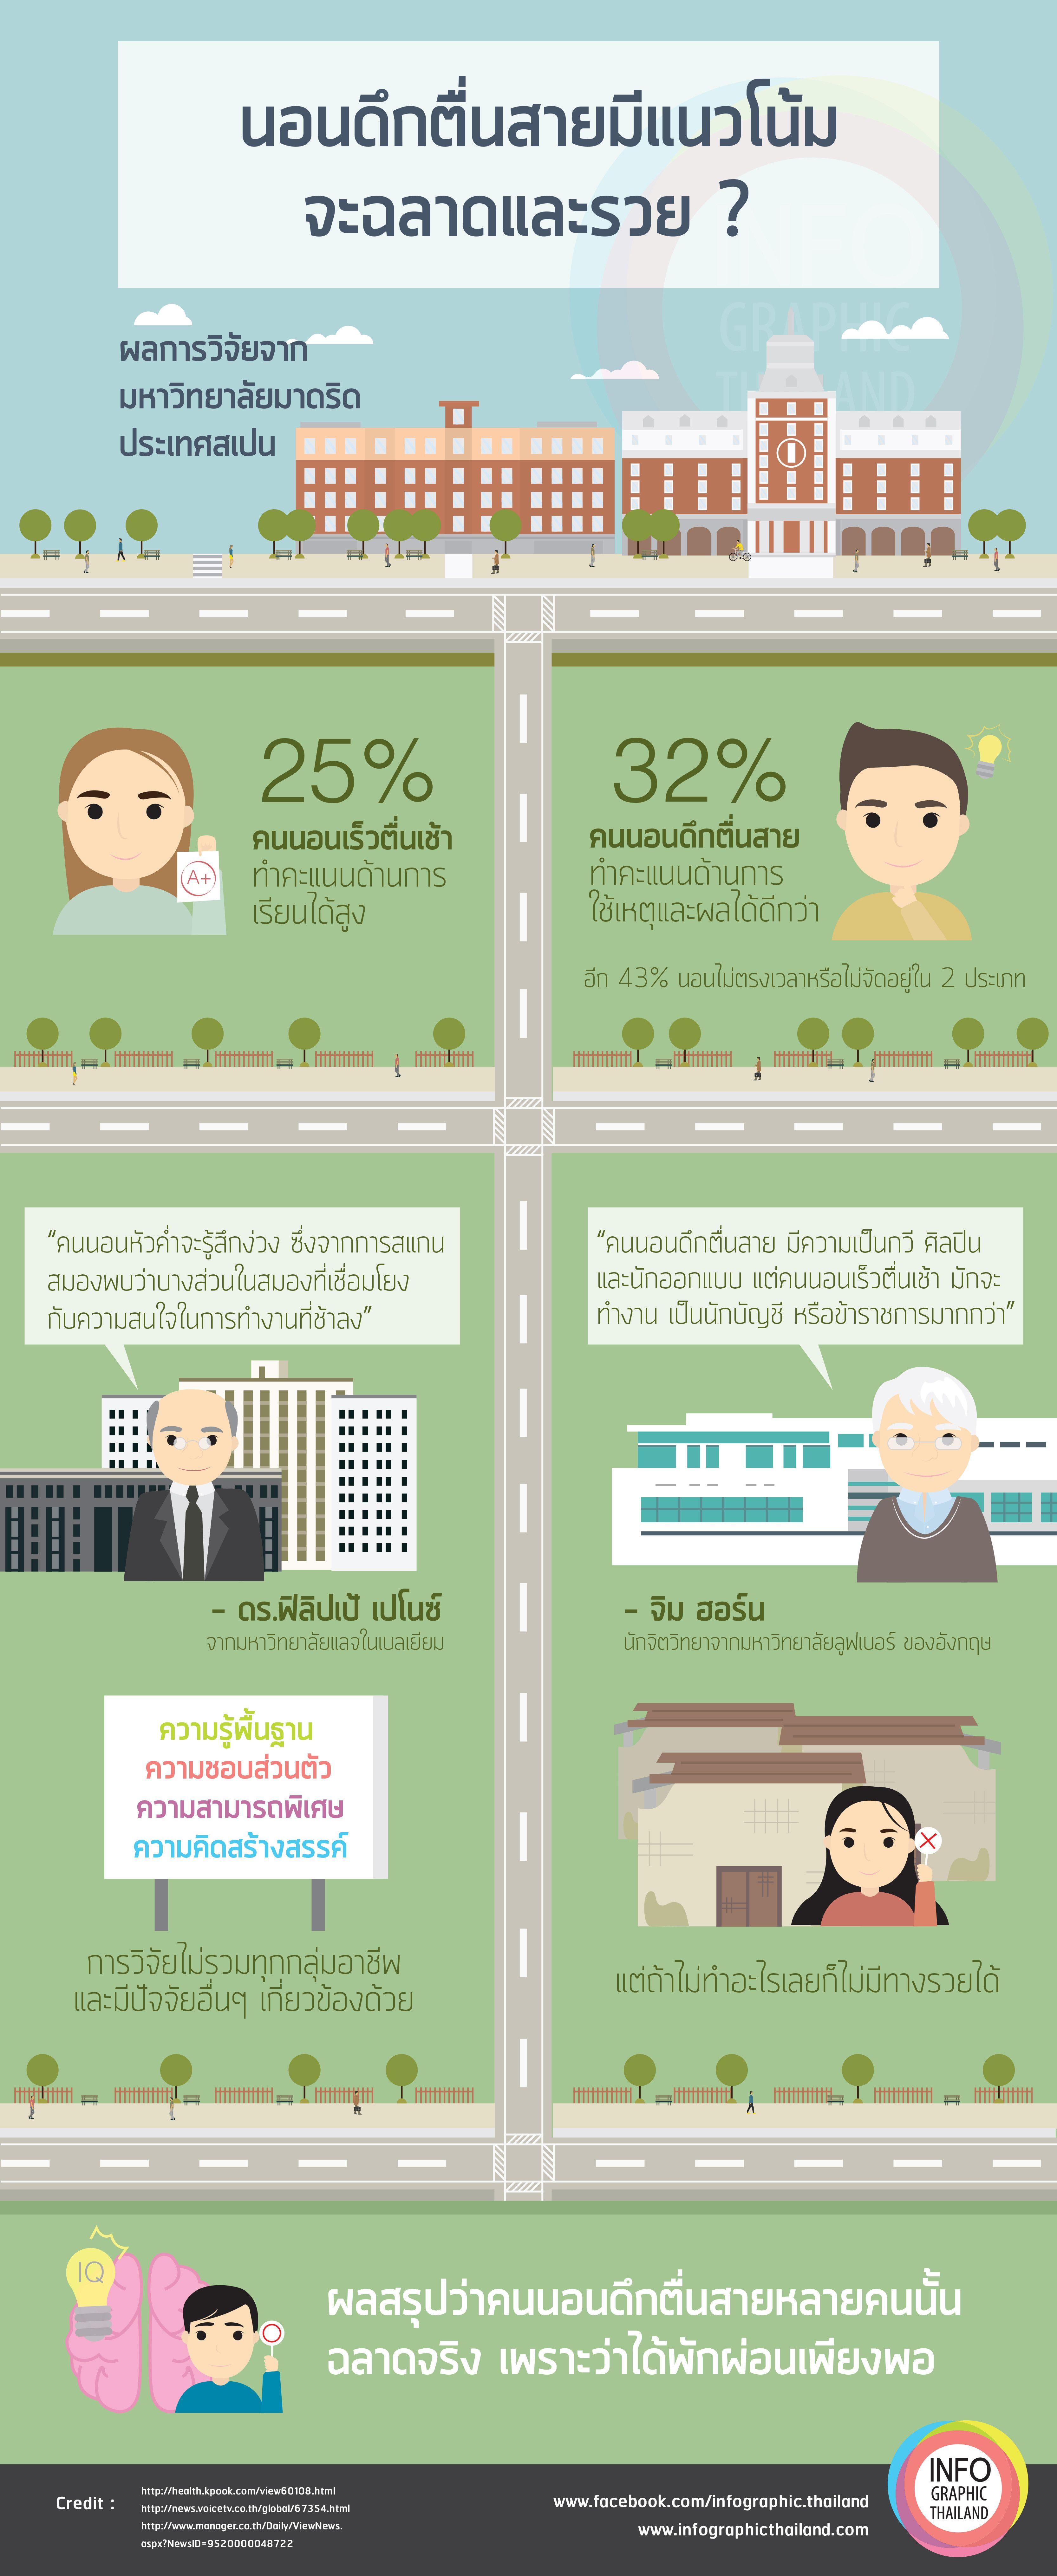 คนนอนดึกตื่นสายฉลาดเเละรวยกว่า ? - Infographic Portal Thailand